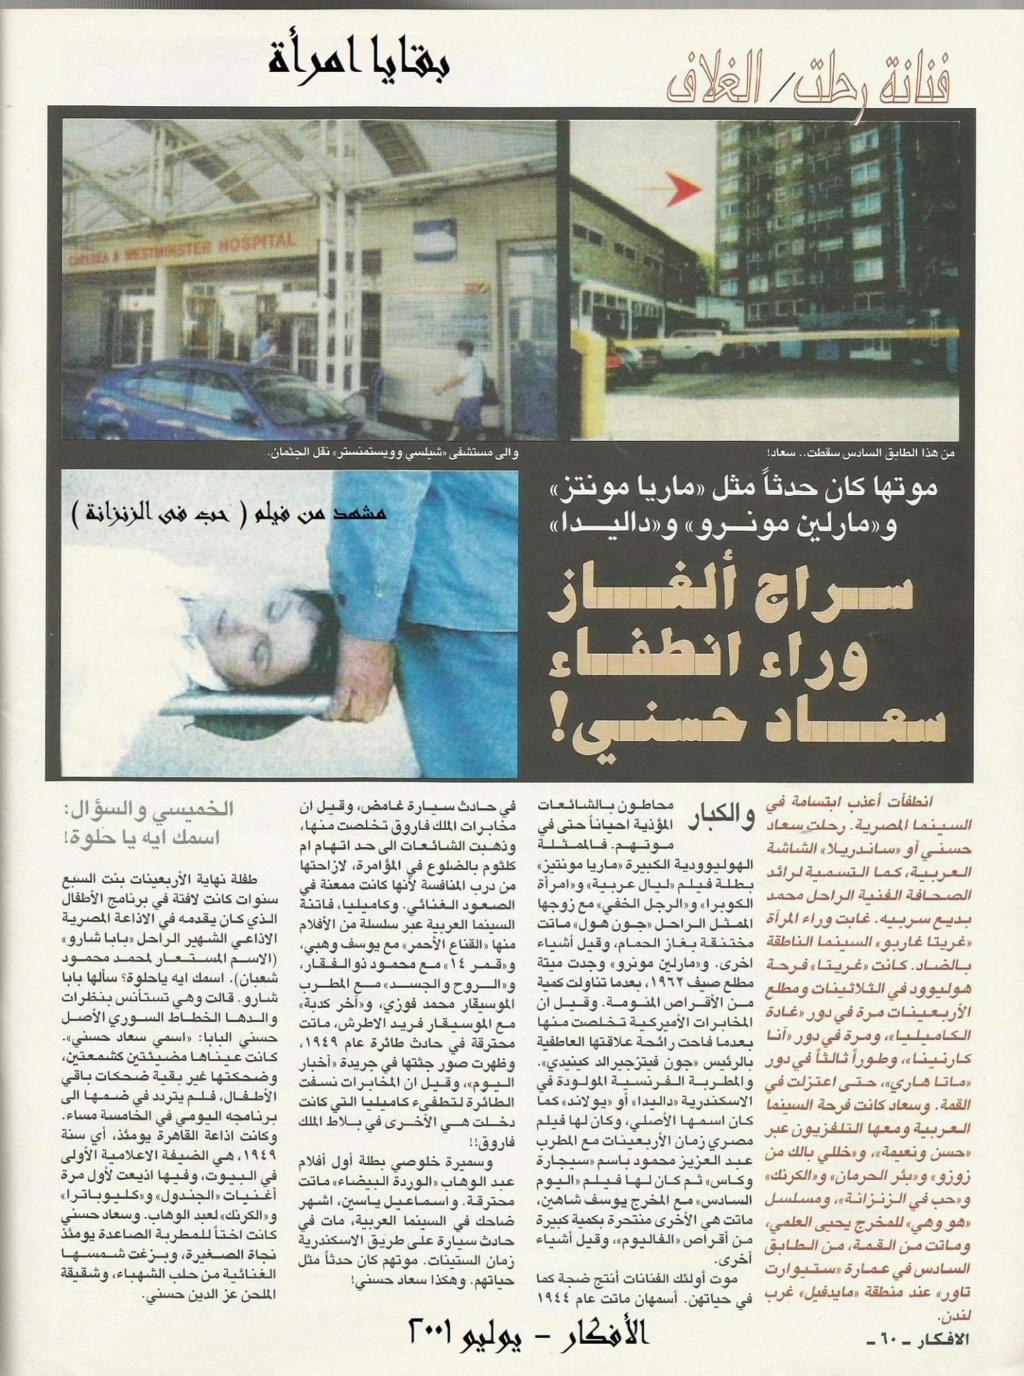 مقال - مقال صحفي : سراج ألغاز وراء انطفاء سعاد حسني! 2001 م 2219